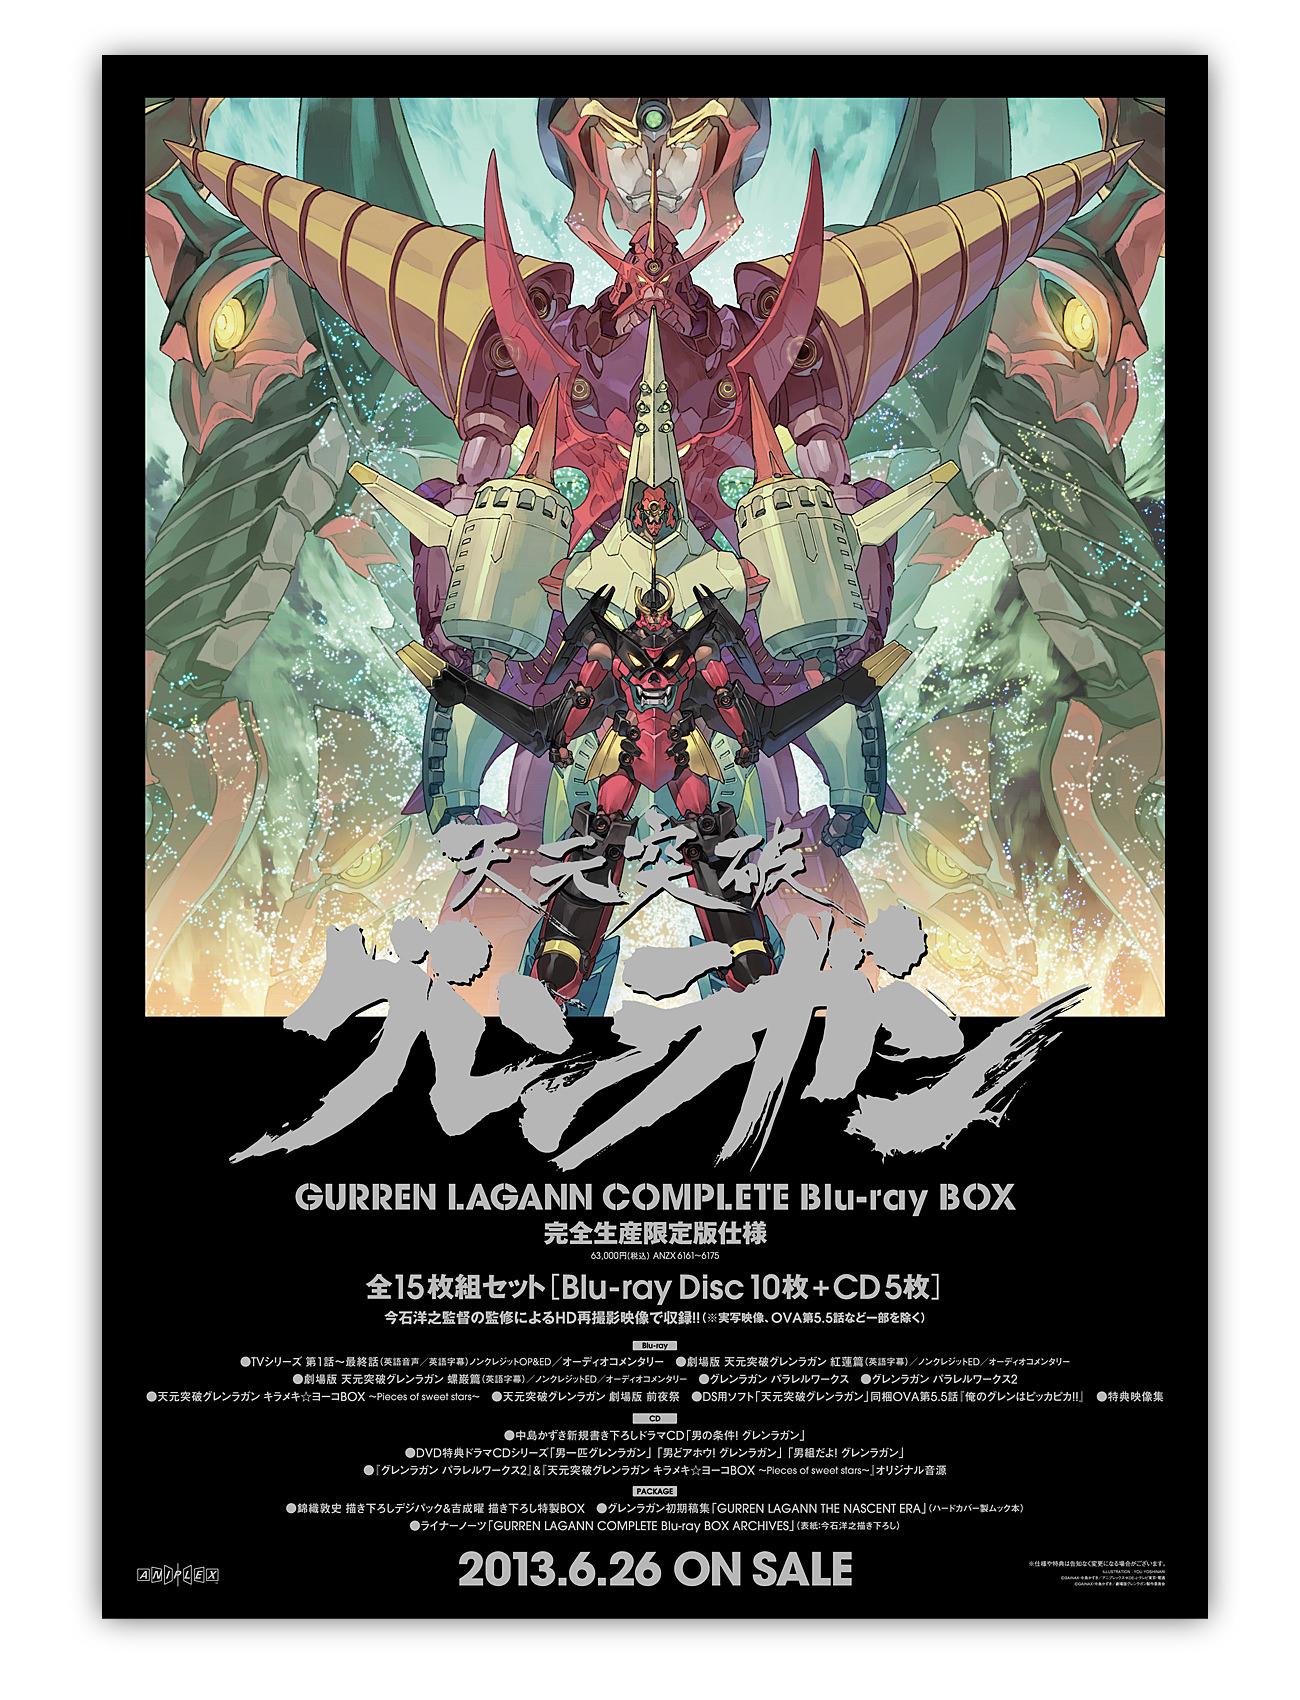 天元突破グレンラガン | COMPLETE Blu-ray BOXポスター